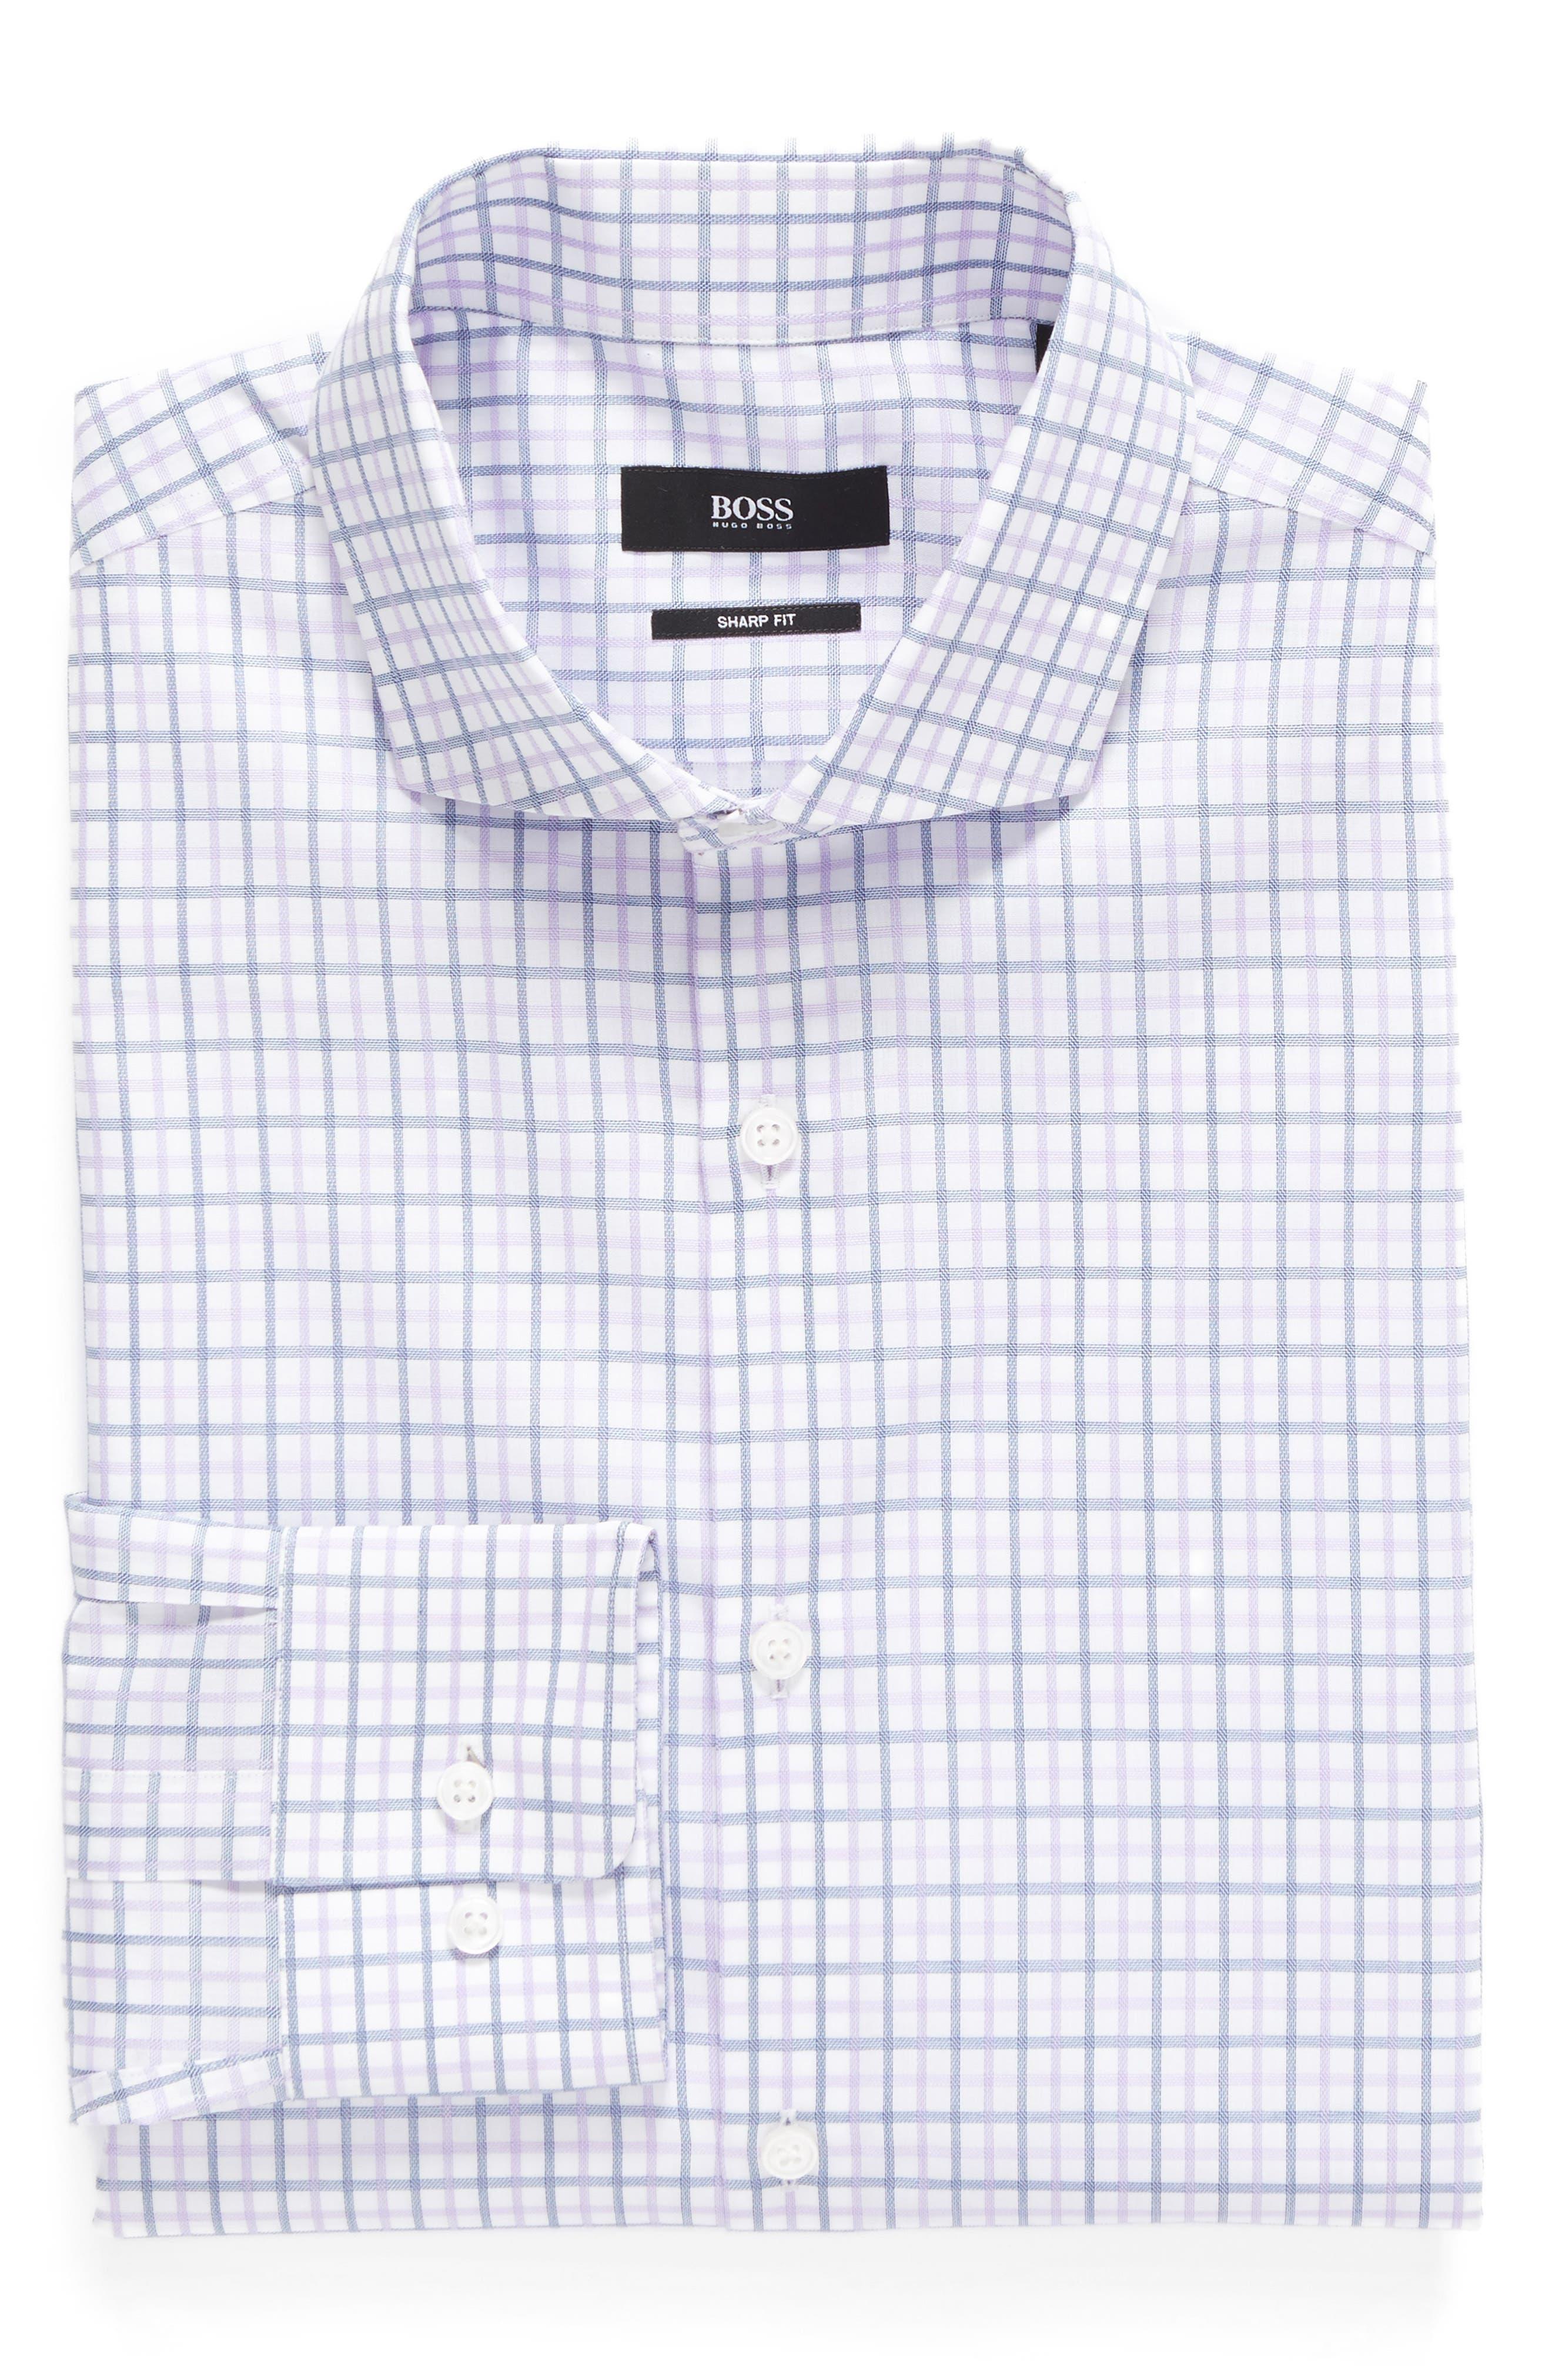 BOSS Sharp Fit Check Dress Shirt